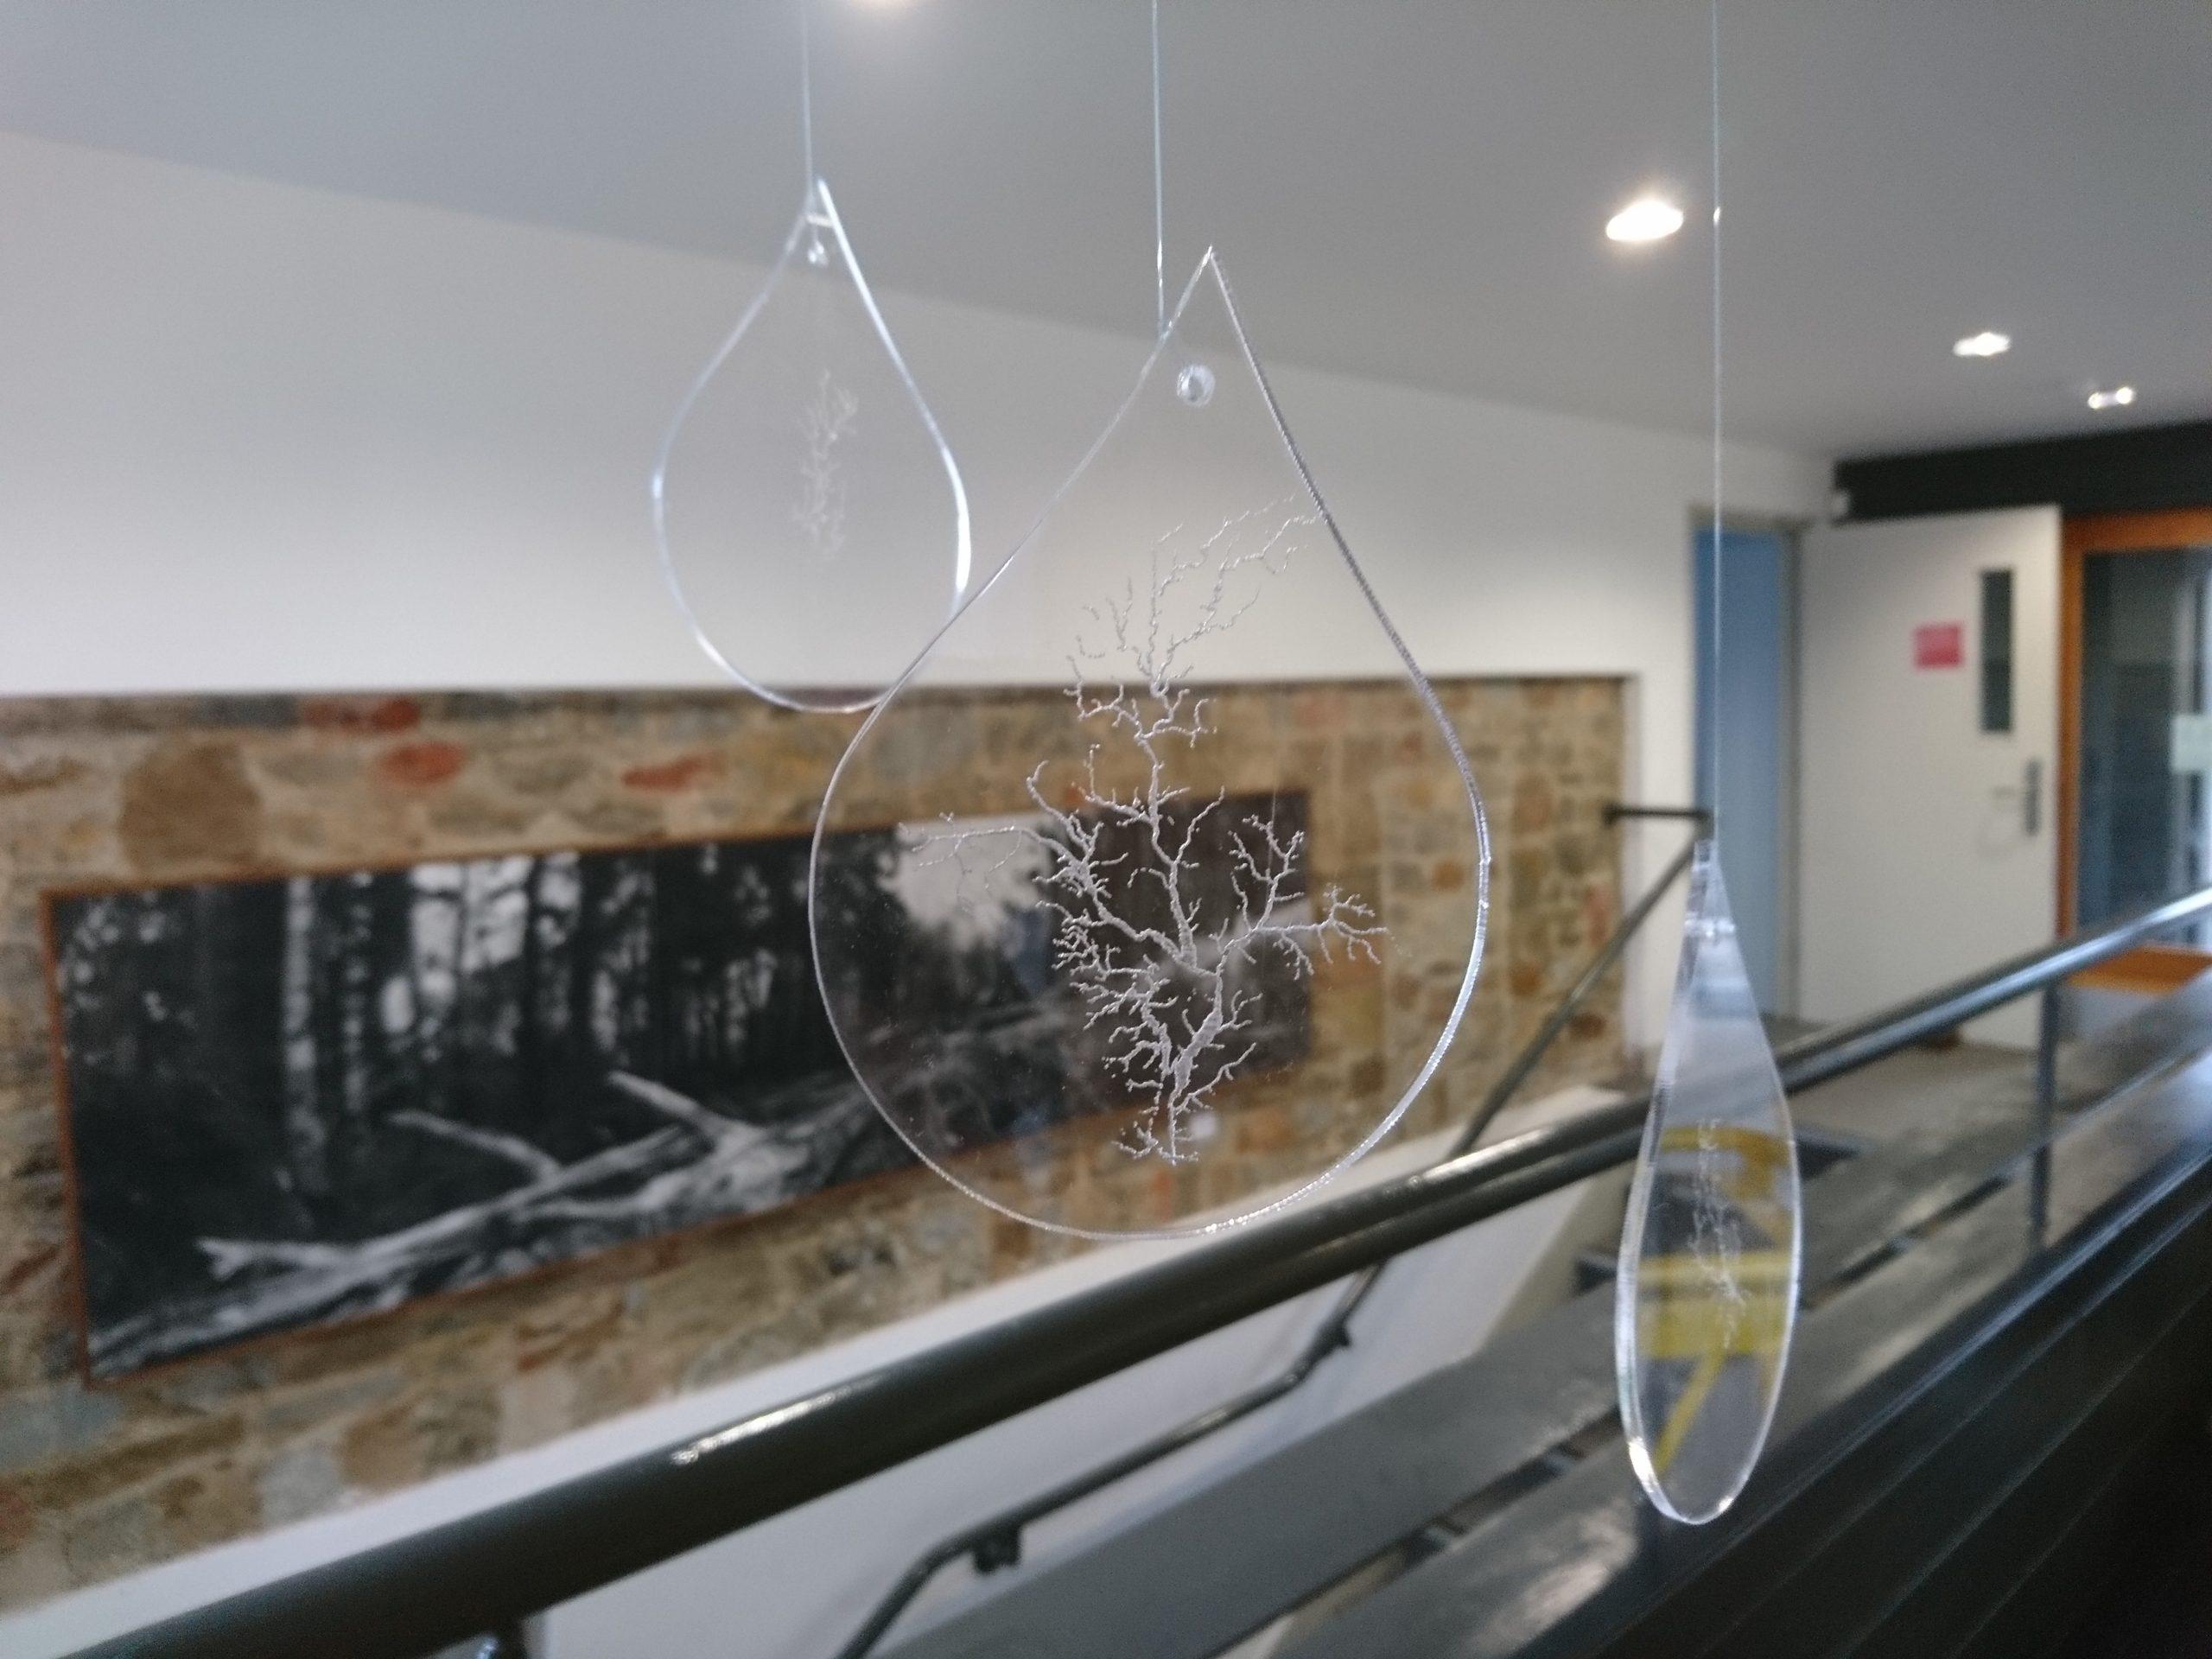 Drop Slow Tears (clear acrylic) at Dartington